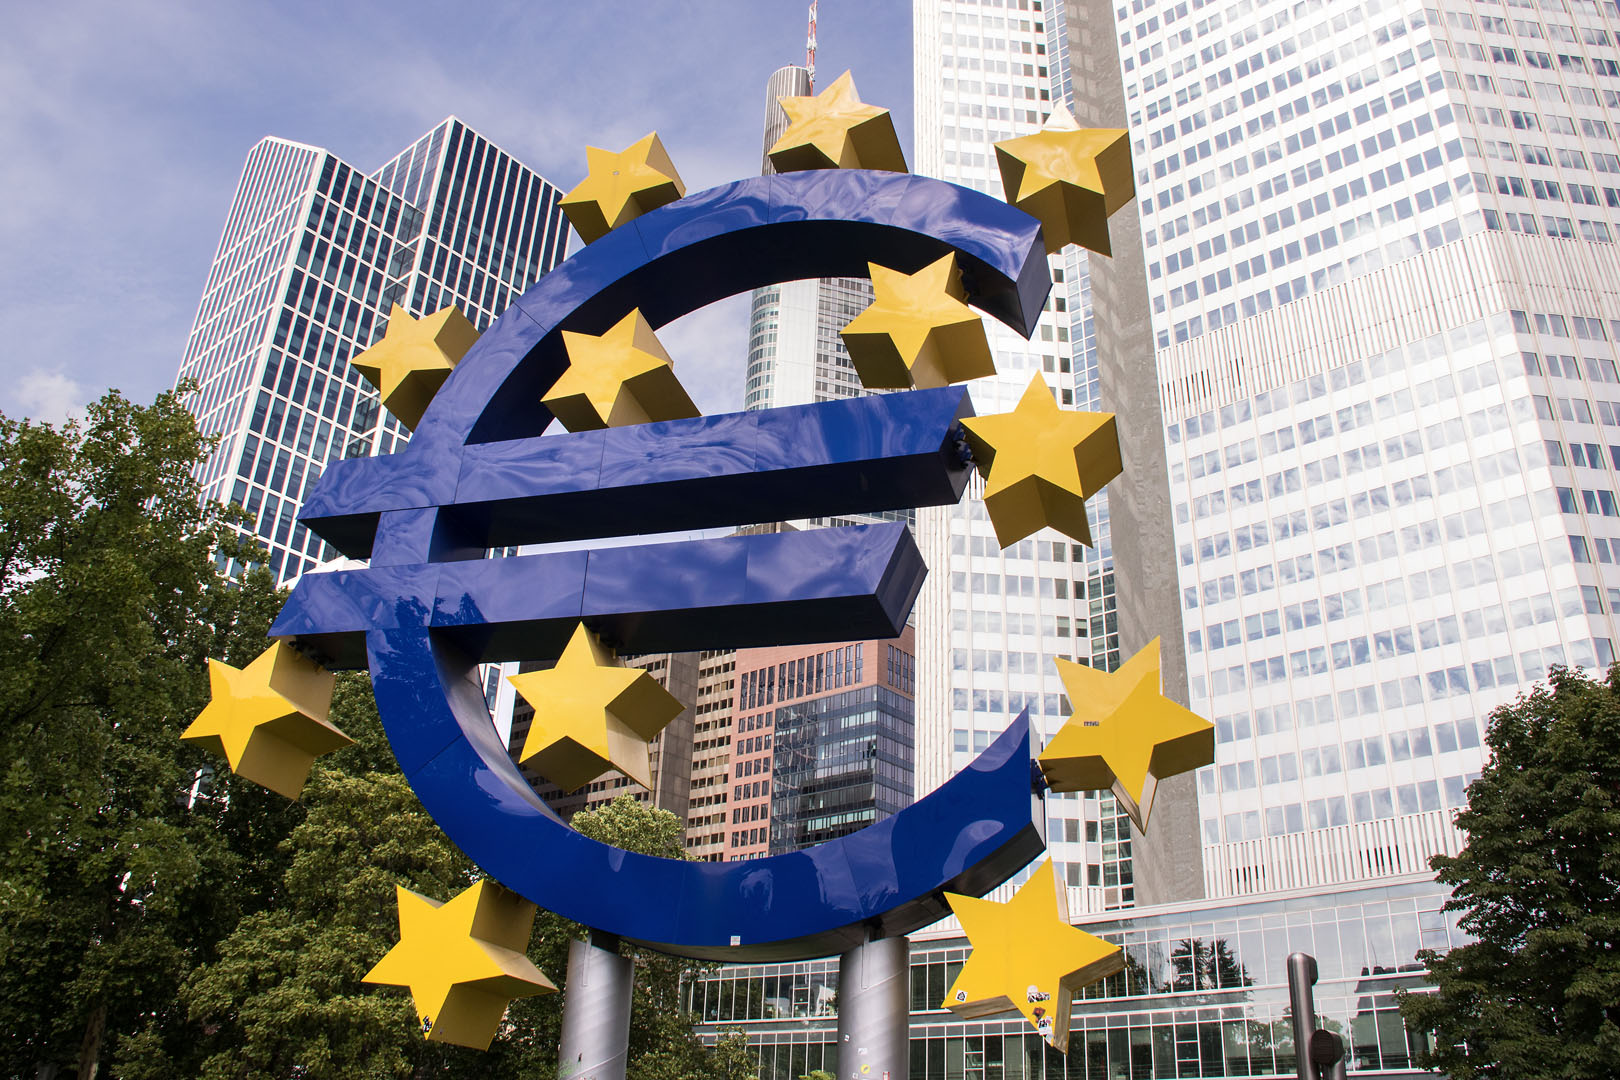 Een steeds hechter verbond tussen de volkeren van Europa als gave en opgave